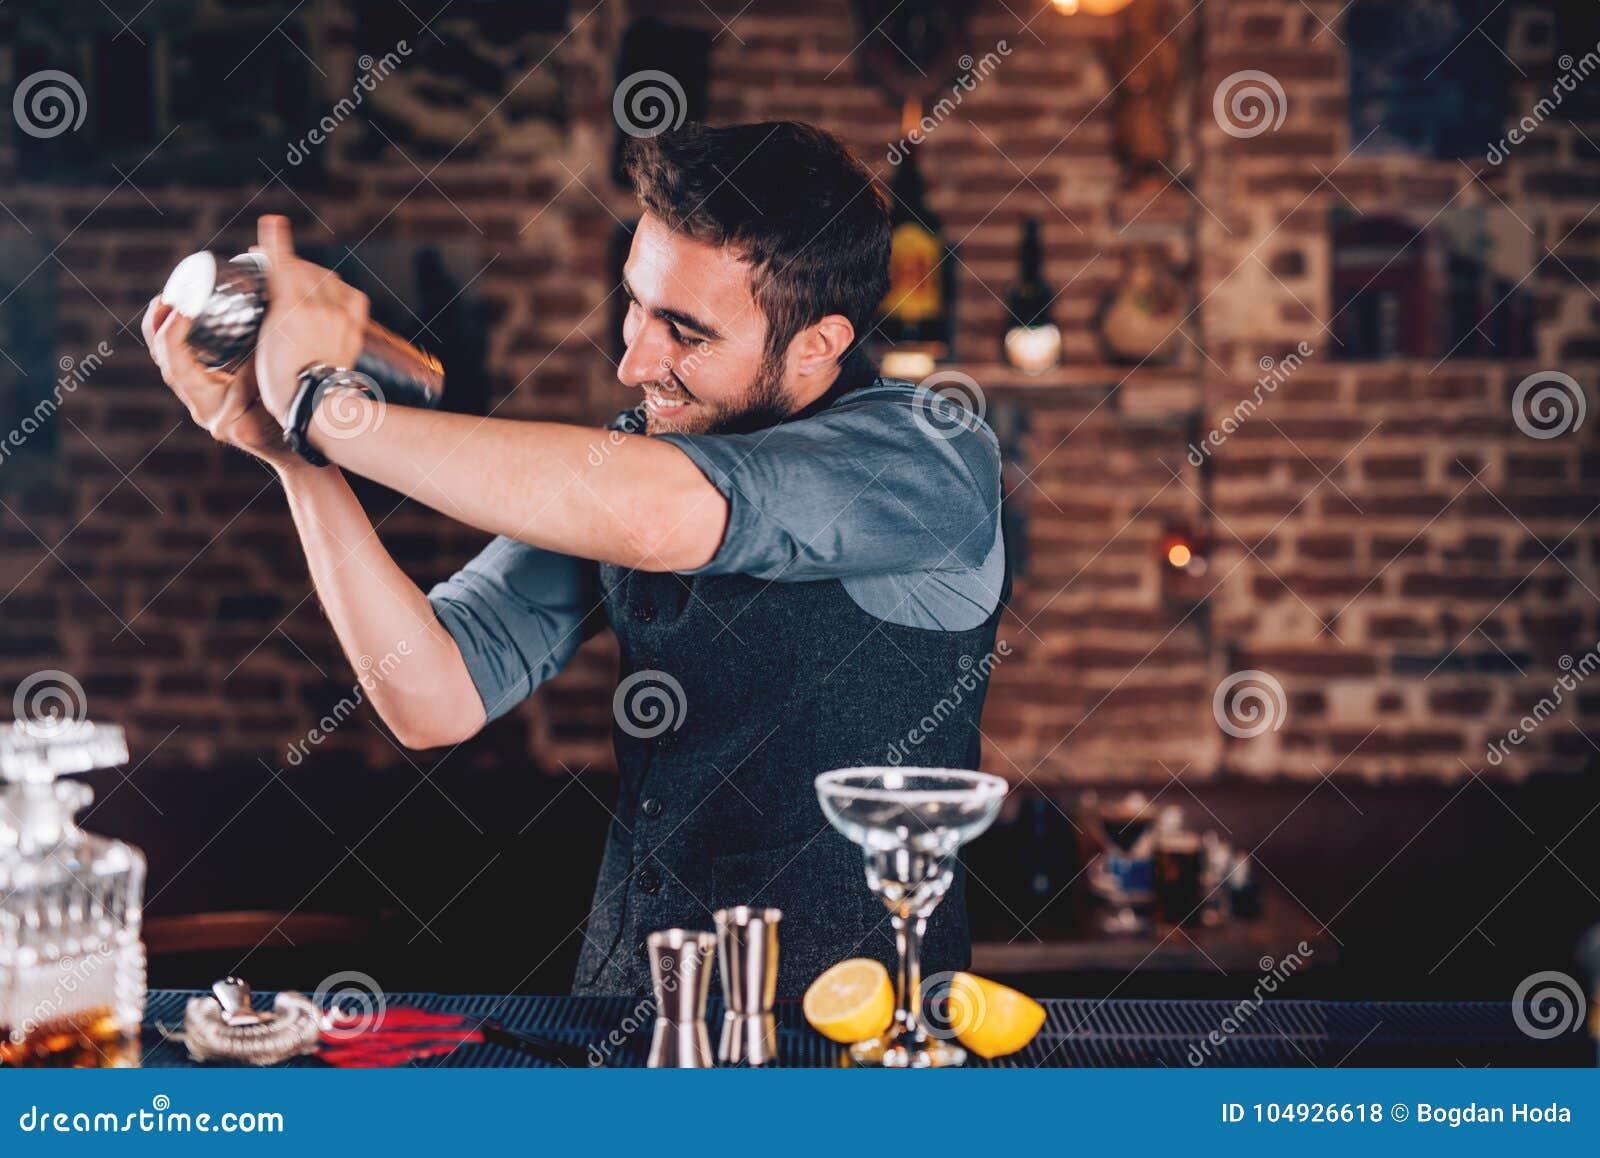 счастливый бармен используя шейкер для подготовки коктеиля Портрет бармена делая текила основал маргариту на местном пабе